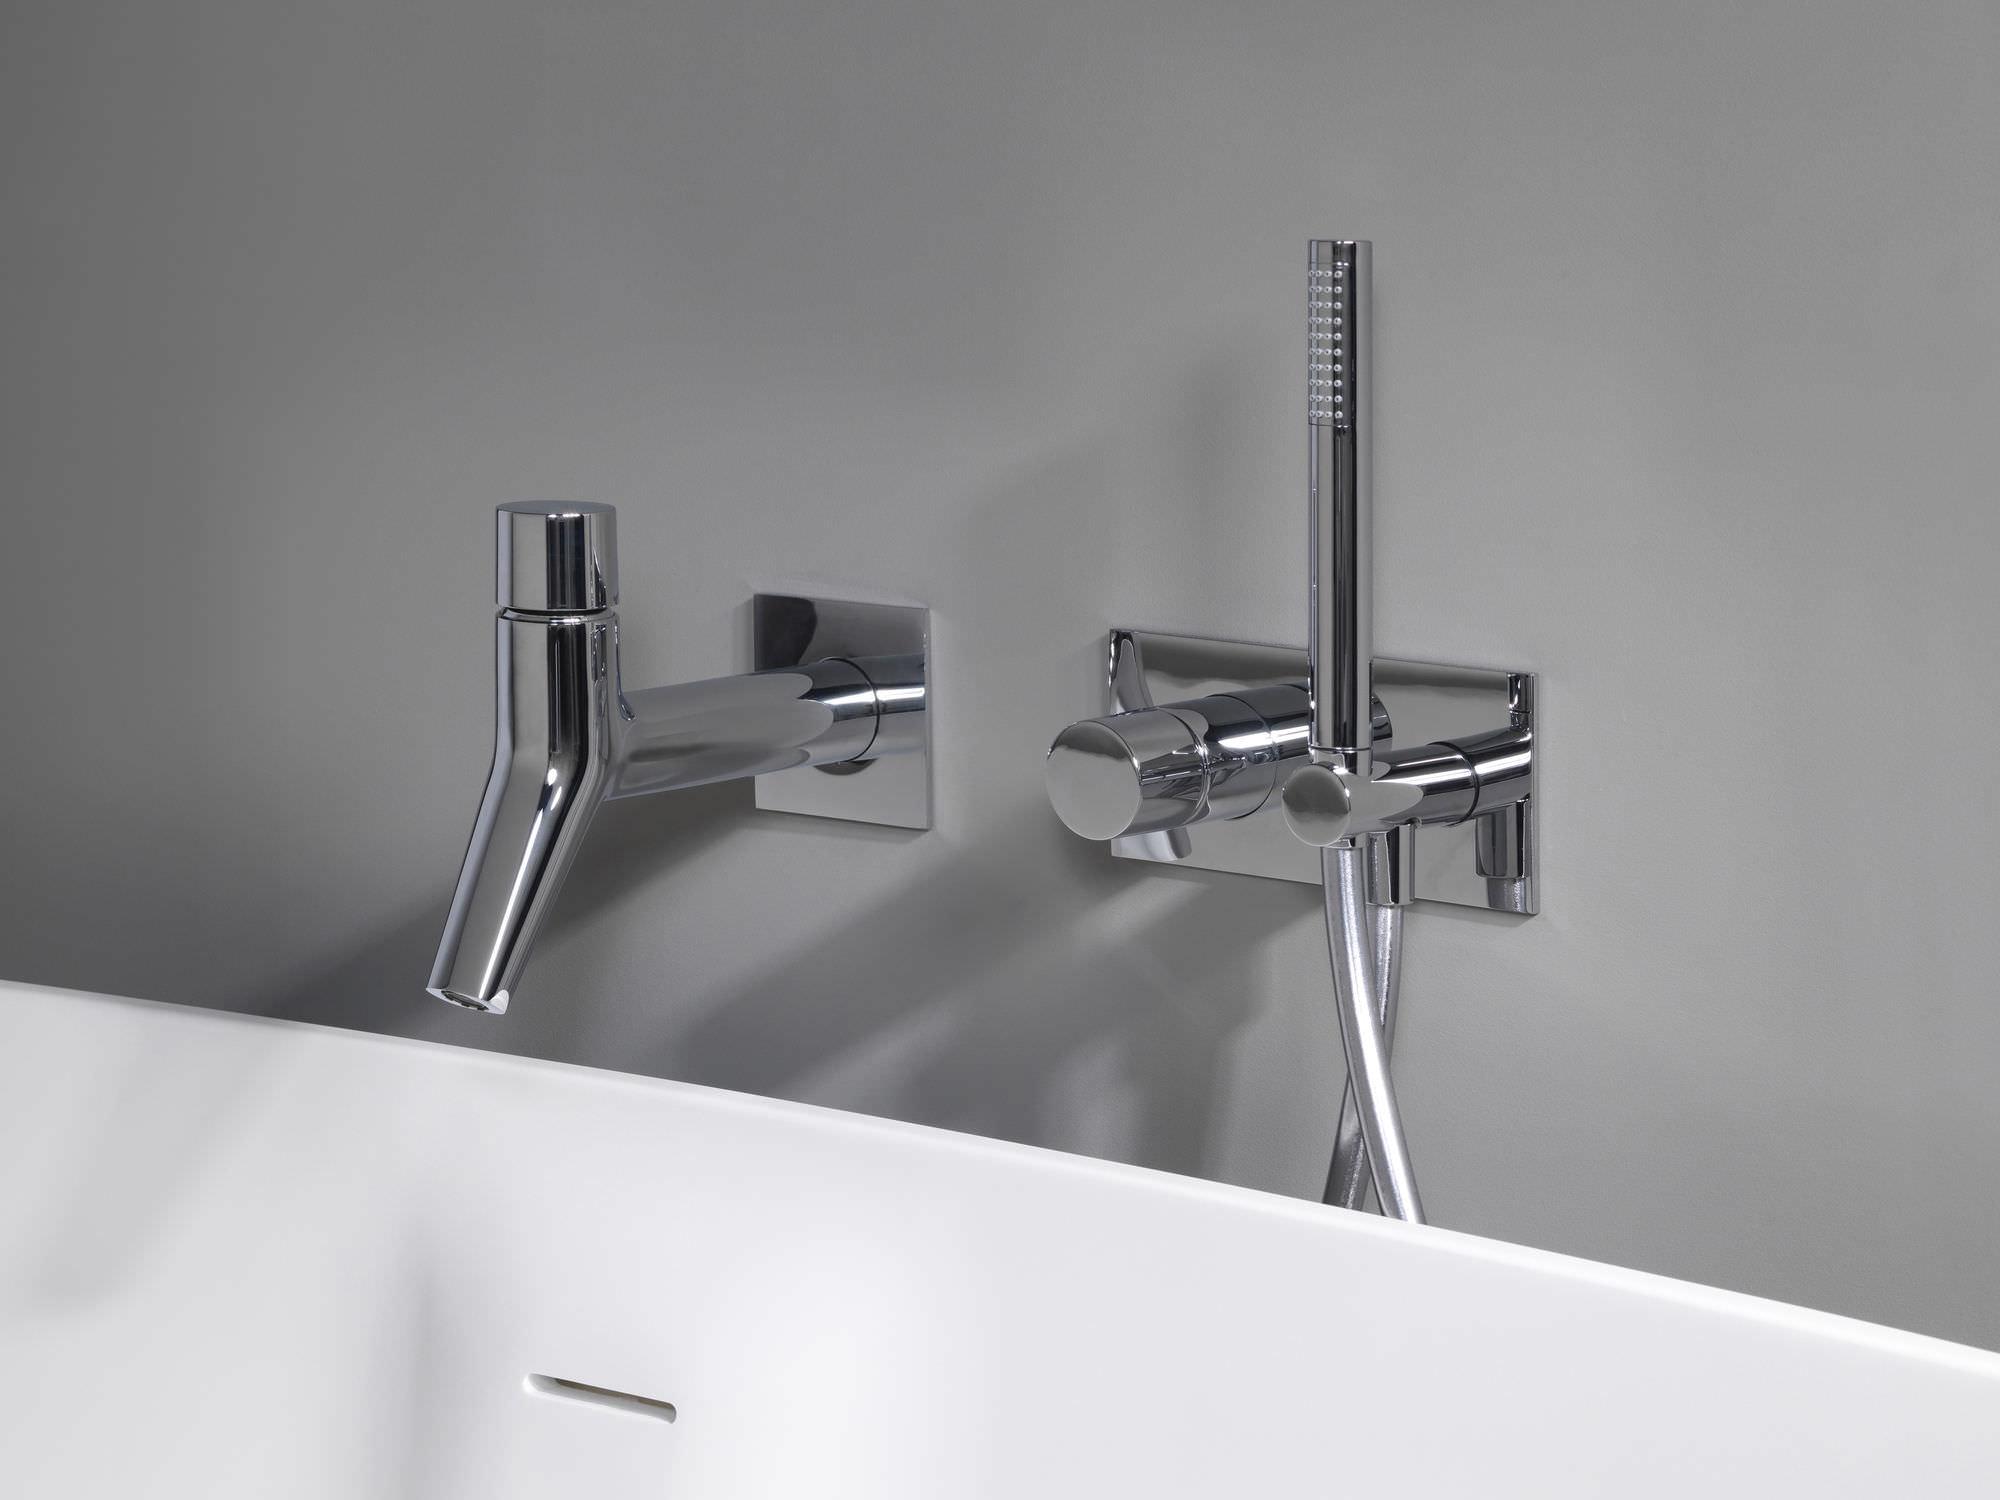 miscelatore per vasca da doccia in metallo cromato da bagno rubinetto ru10051